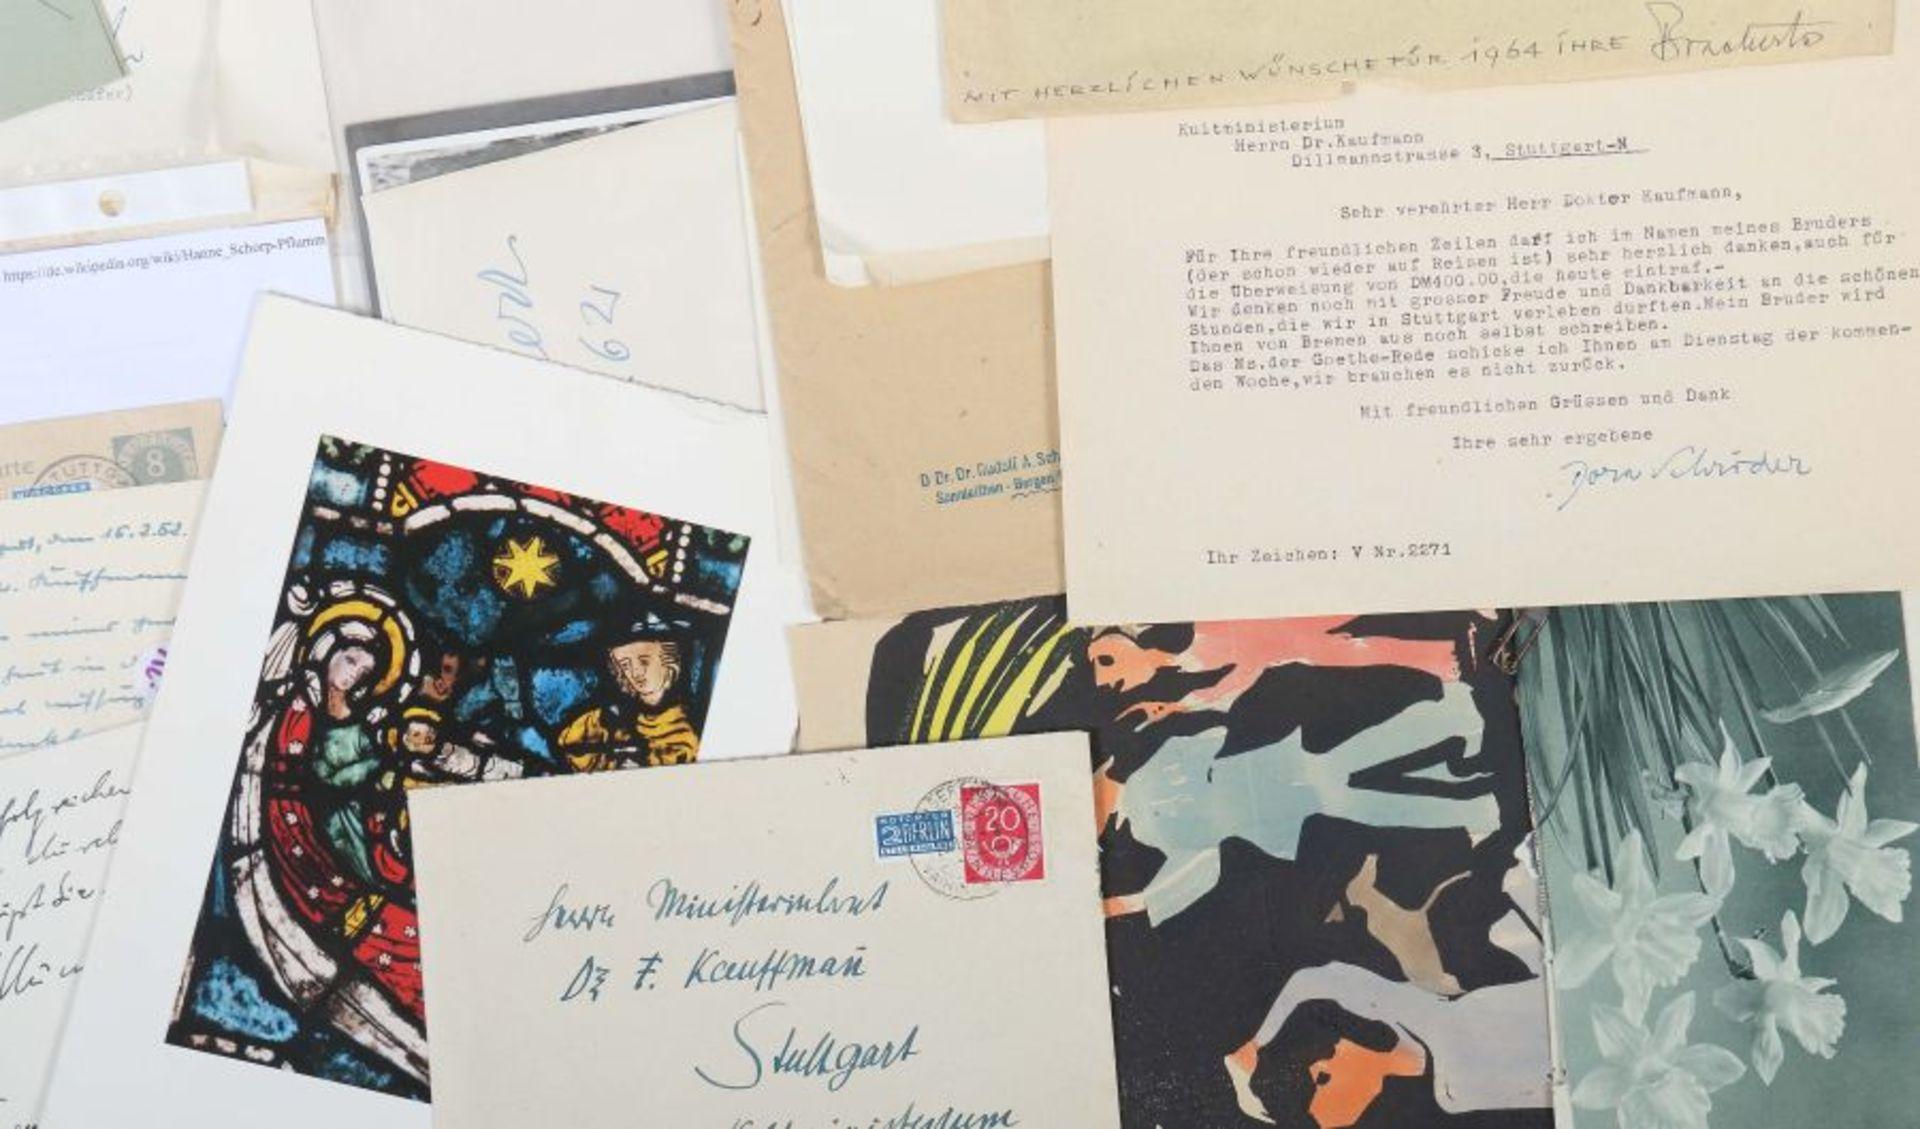 Künstlerkorrespondenzen Hand-/maschinengeschriebene Karten und Briefe u.a. von Strich-Chapell, - Bild 4 aus 5